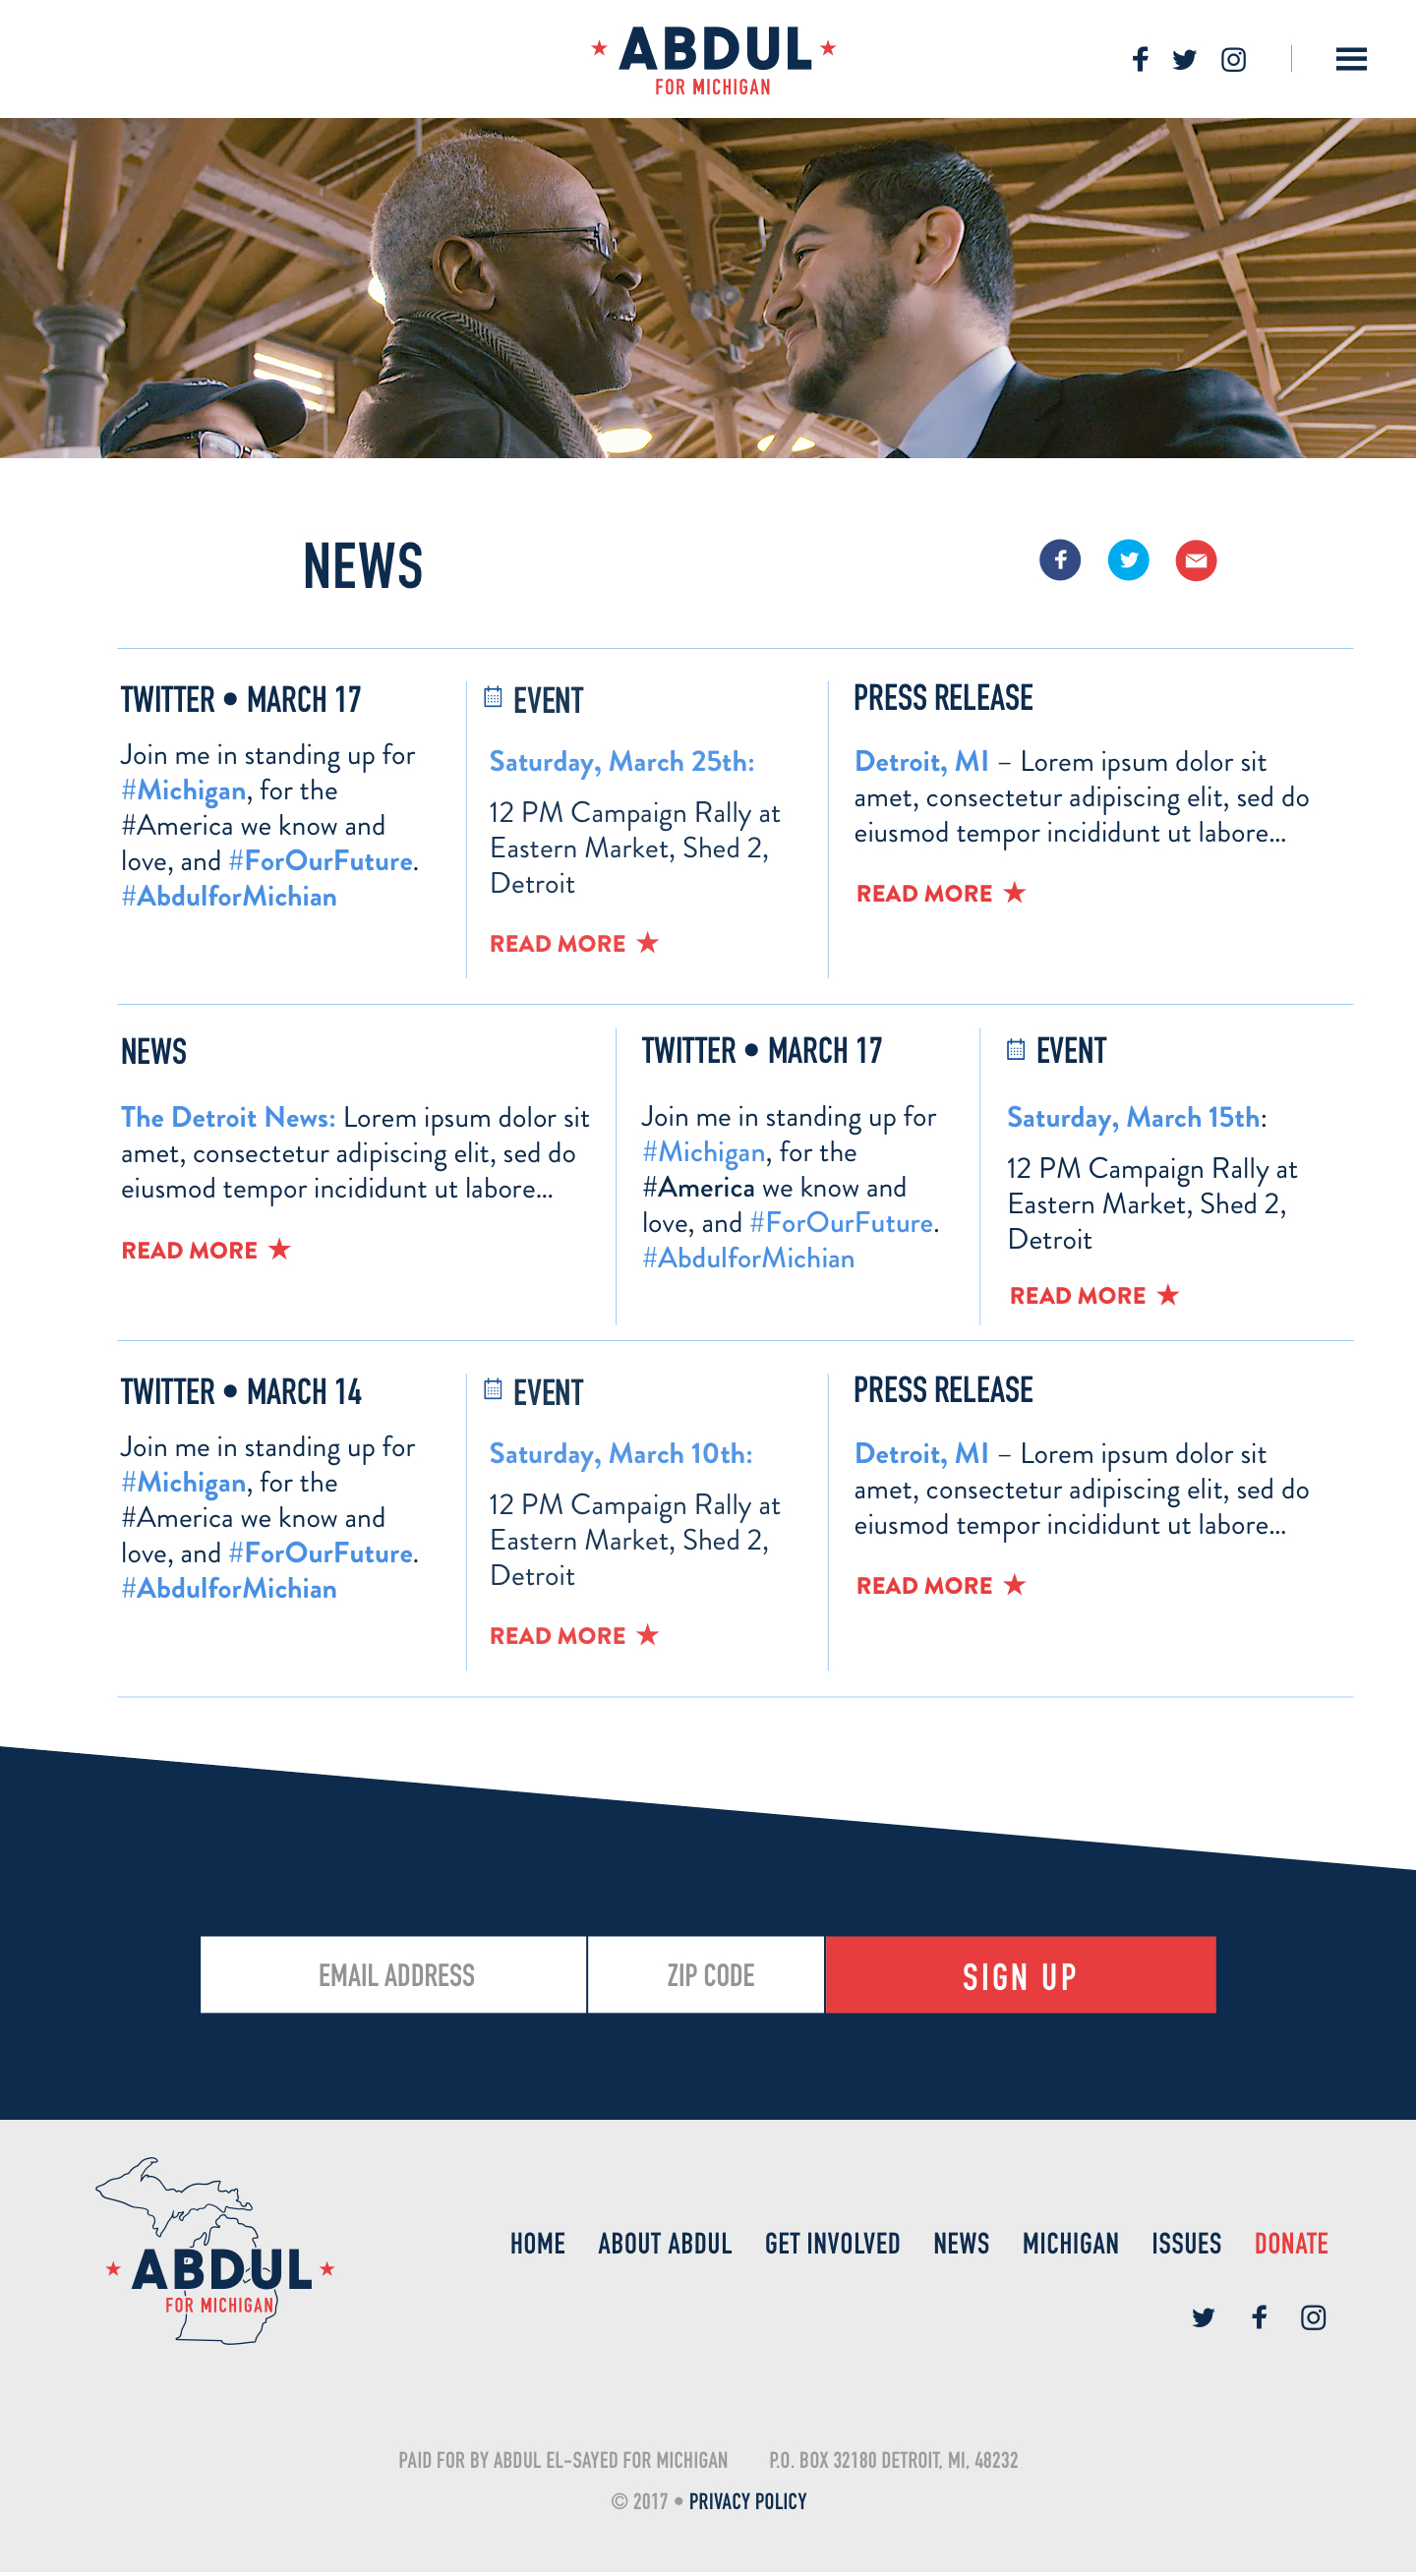 AFM1704_Page 4_News_Desktop.jpg